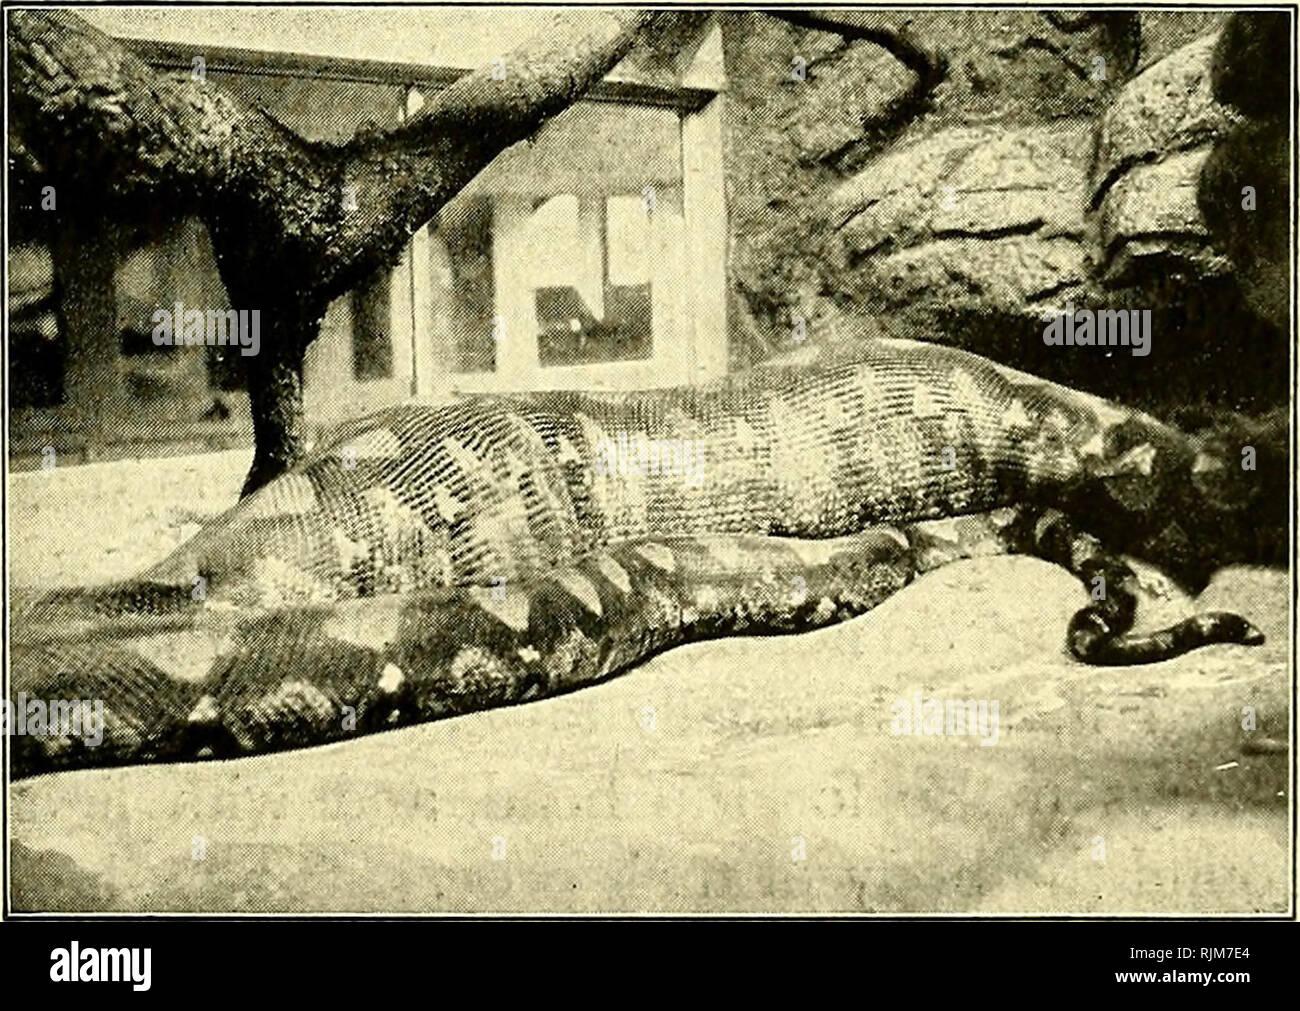 . Le bestie e gli uomini, essendo Carl Hagenbeck di esperienze per mezzo secolo tra animali selvatici;. Formazione animale; Menageries; zoologici; giardini zoologici. Rettili IN CATTIVITÀ 179 tratta- con grosse prede non ho alcun dubbio sul fatto che un full-cresciute Borneo python potrebbe facilmente inghiottire un uomo. Qualsiasi serpente di da diciotto a venti piedi lungo è abbastanza forte da schiacciare un uomo a morte se solo si può ottenere lui correttamente racchiuso nelle sue spire. Alcuni anni fa una polemica iniziata nel i giornali inglesi come a quale lunghezza serpenti potrebbe correre a. È stato affermato che vi erano tipi che ha raggiunto i trenta o quaranta piedi Immagini Stock